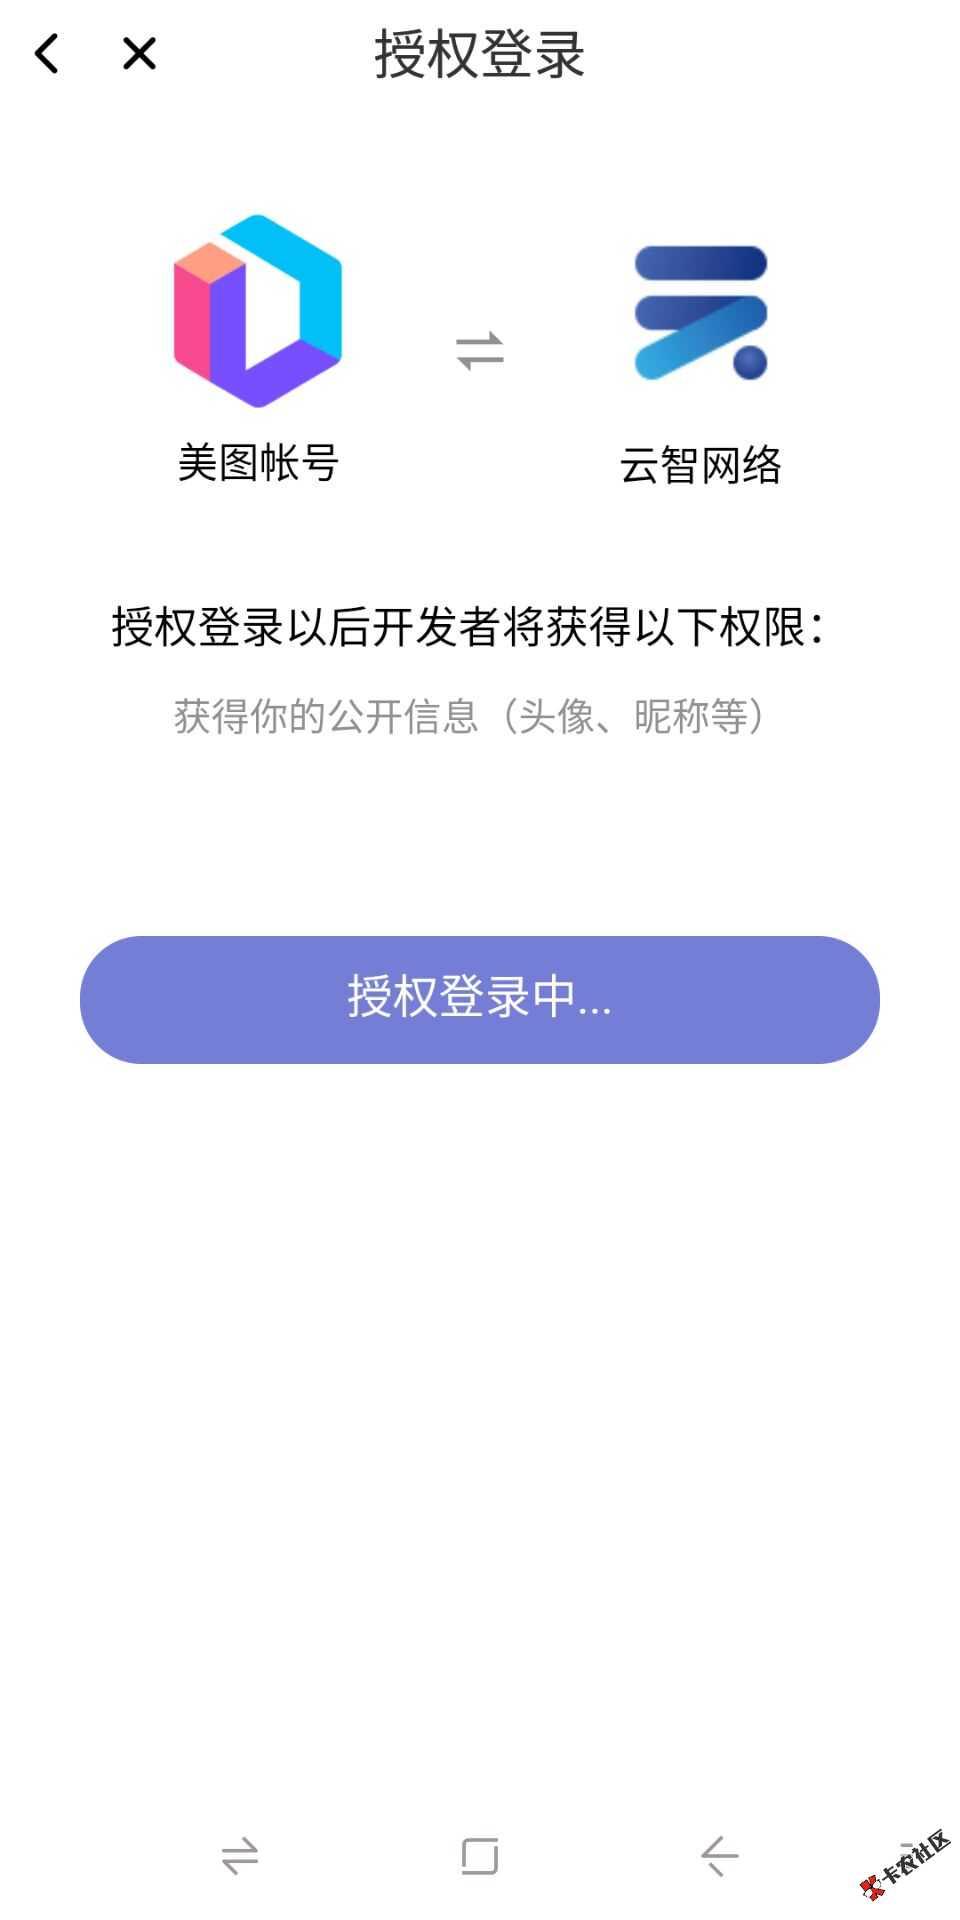 美图秀秀App借款怎么申请,美拍借钱需要哪些条件